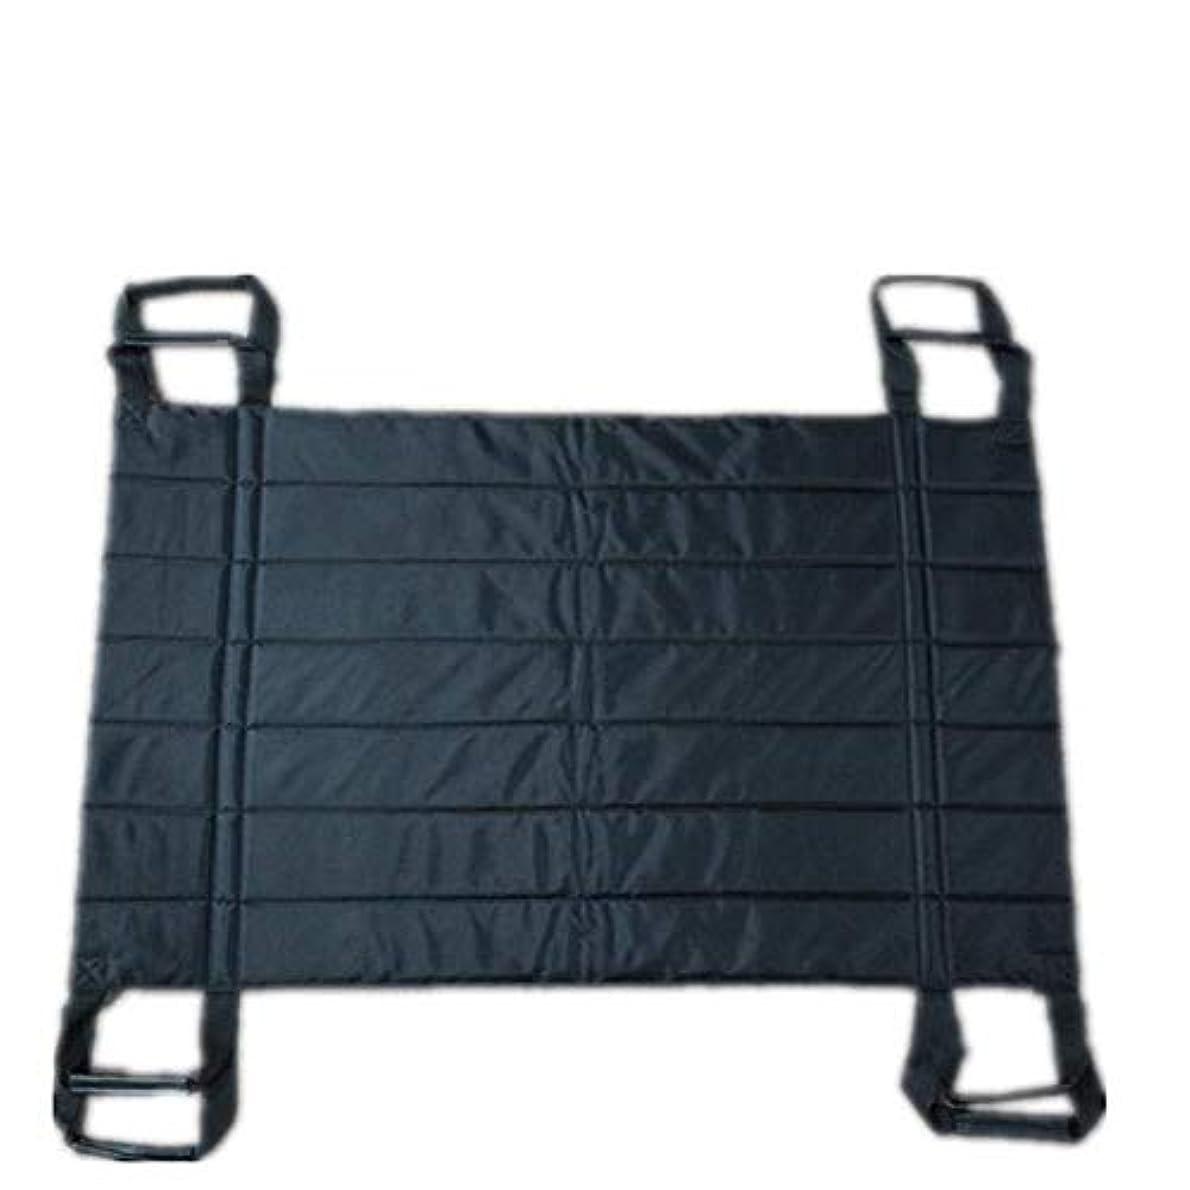 楽観的キモいバイパストランスファーボードスライドベルト-患者リフトベッド支援デバイス-患者輸送リフトスリング-位置決めベッドパッド